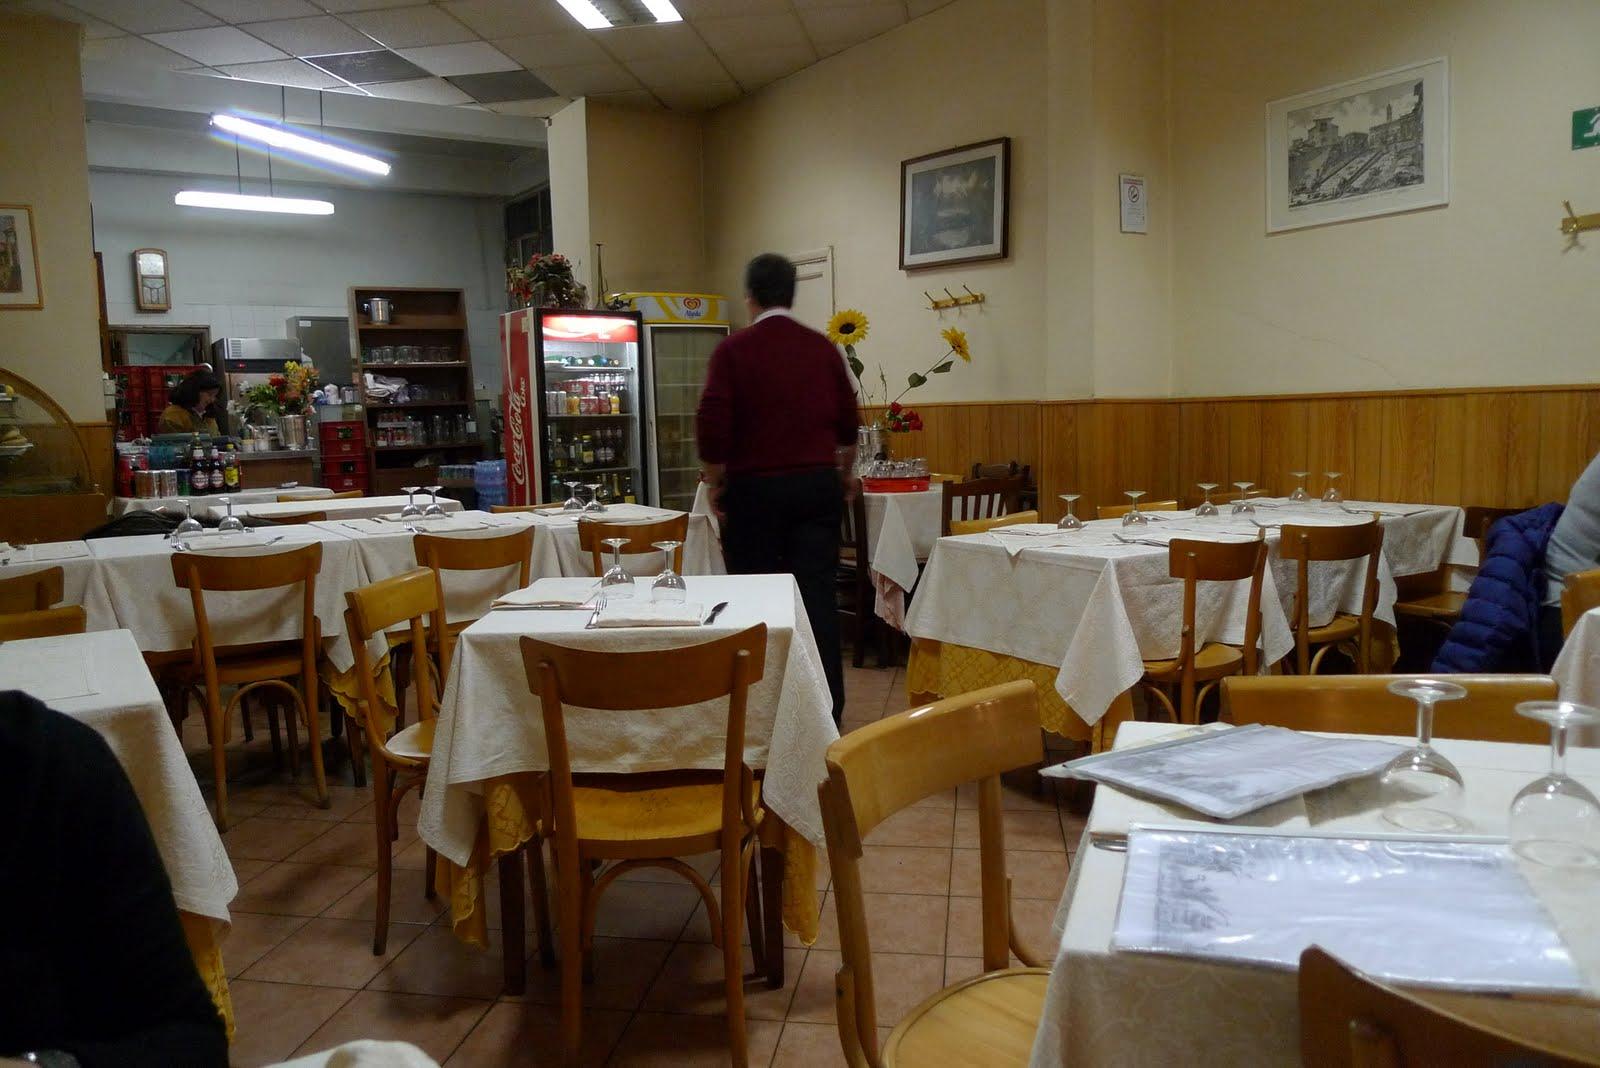 Tony vacaciones y derivados que ver o hacer y como y - Cucina romana roma ...